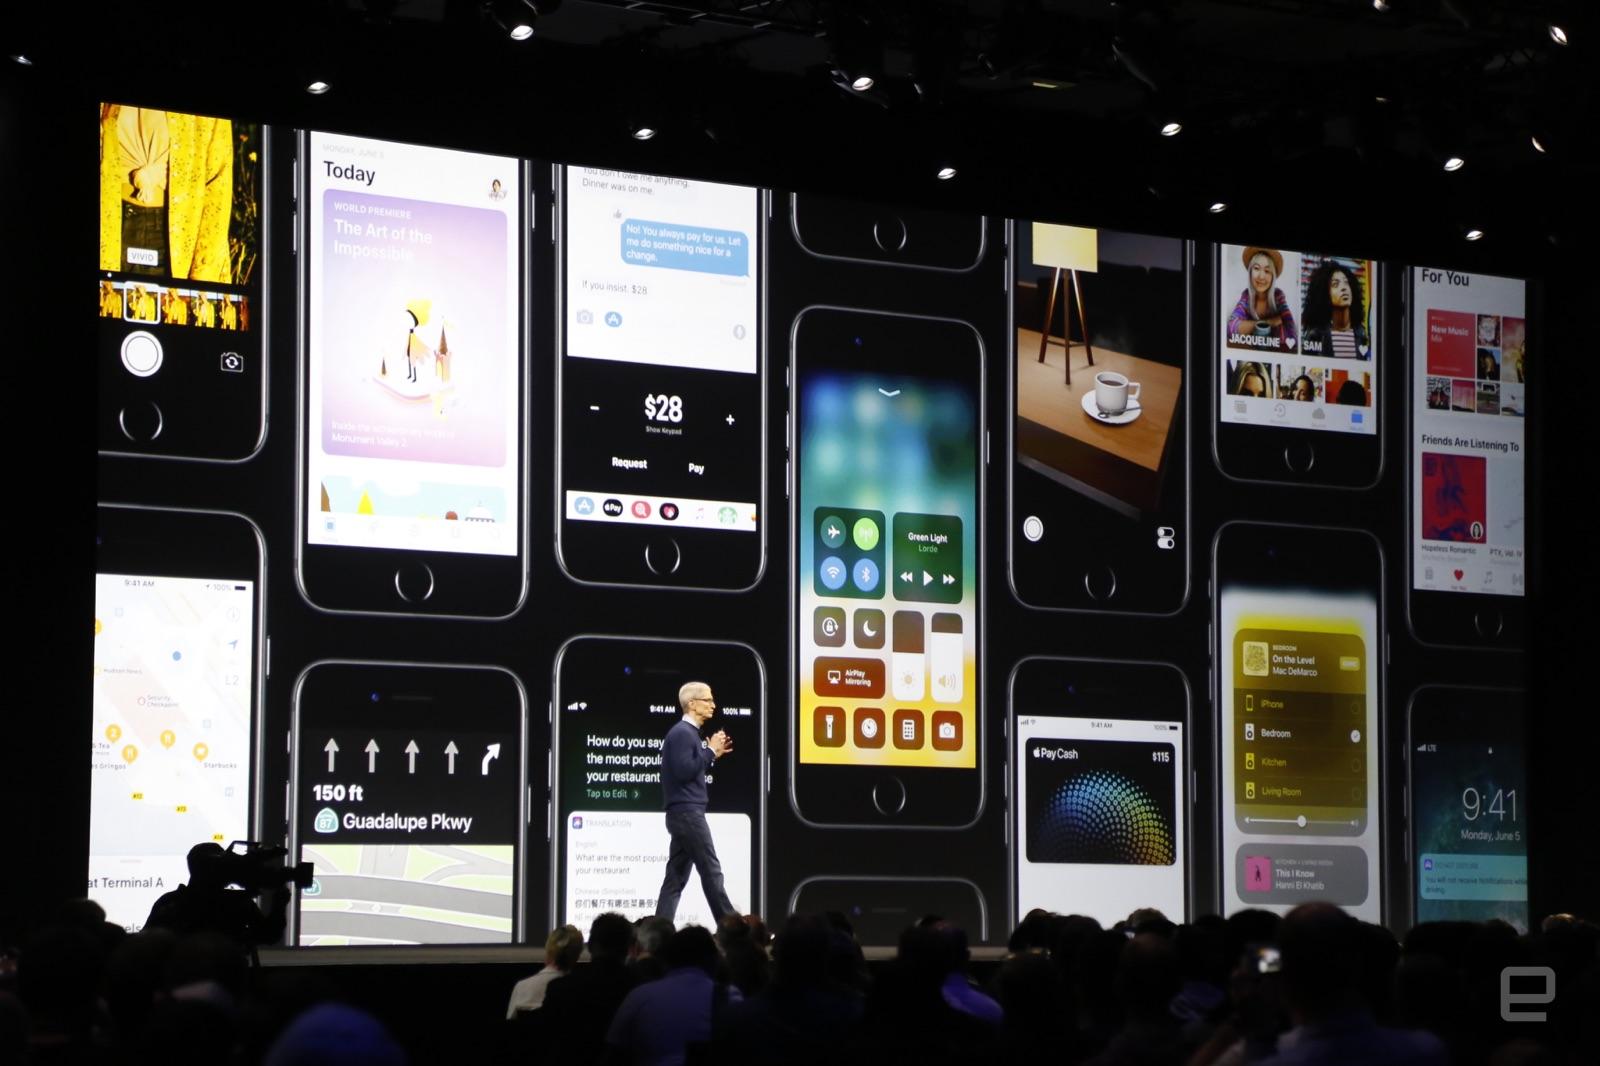 Top 10 ứng dụng iOS có lượt tải và doanh thu cao nhất trong 8 năm qua